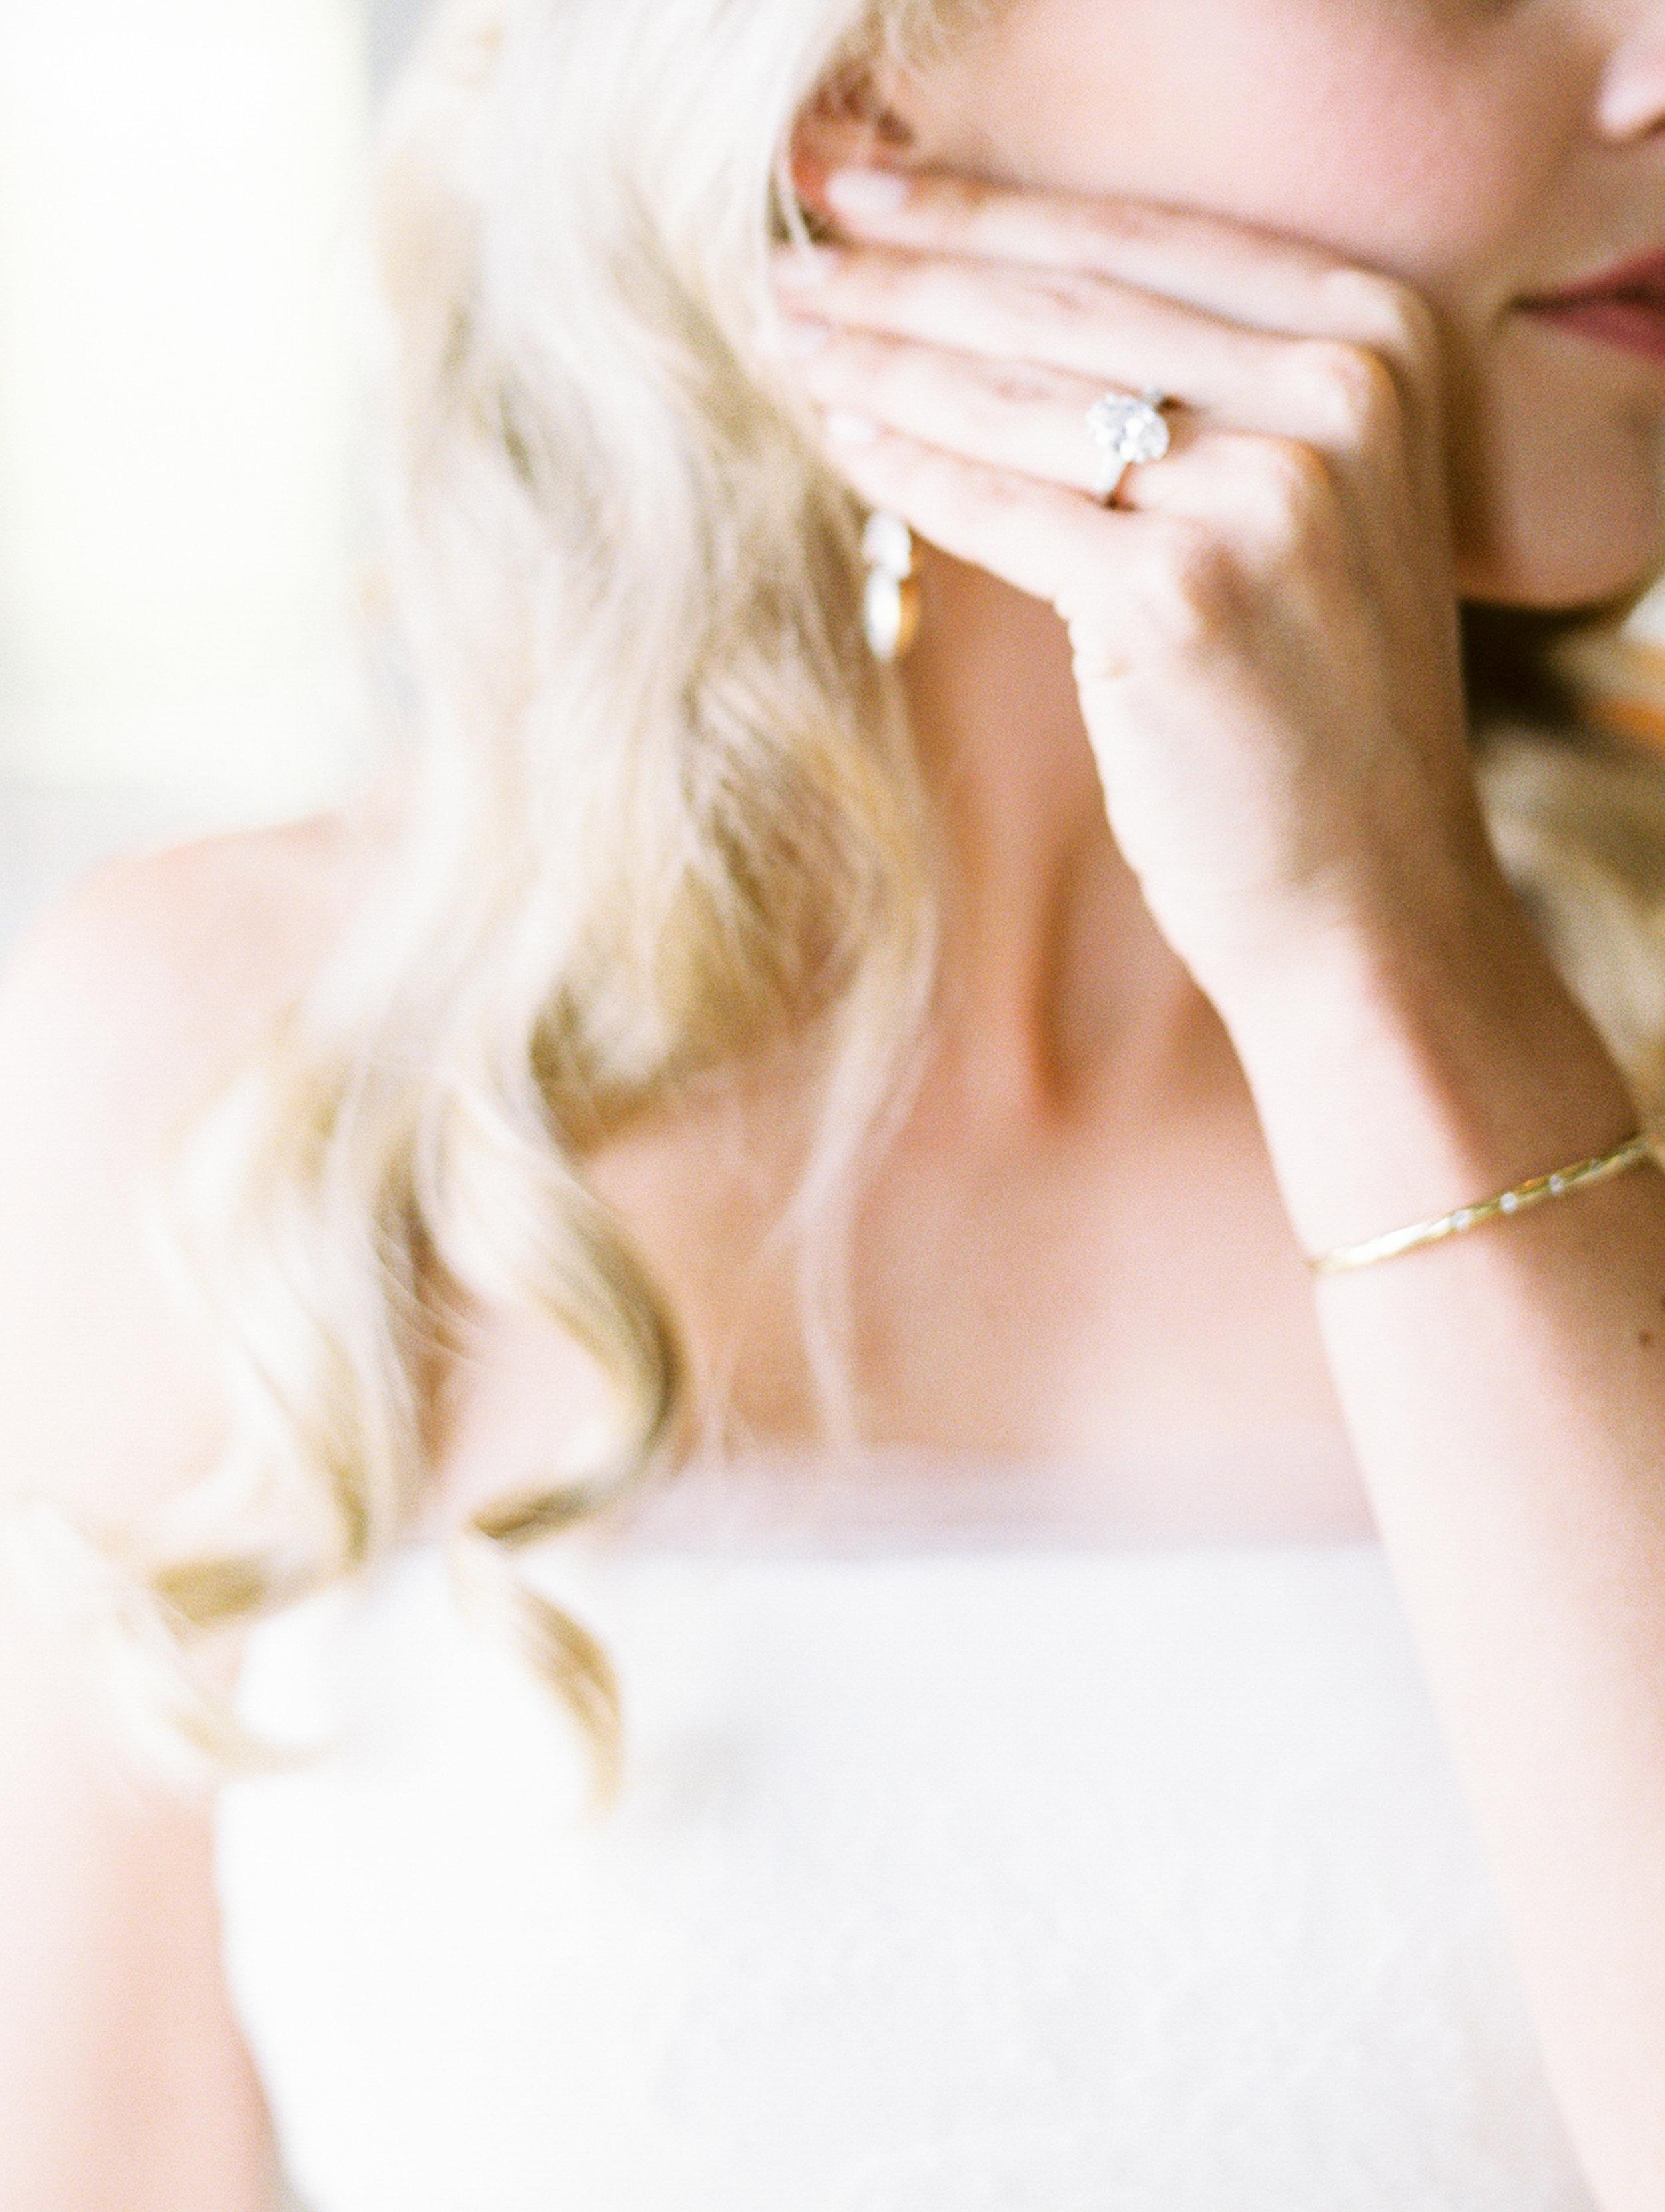 Coffman+Wedding+Getting+Ready+Girls-167.jpg